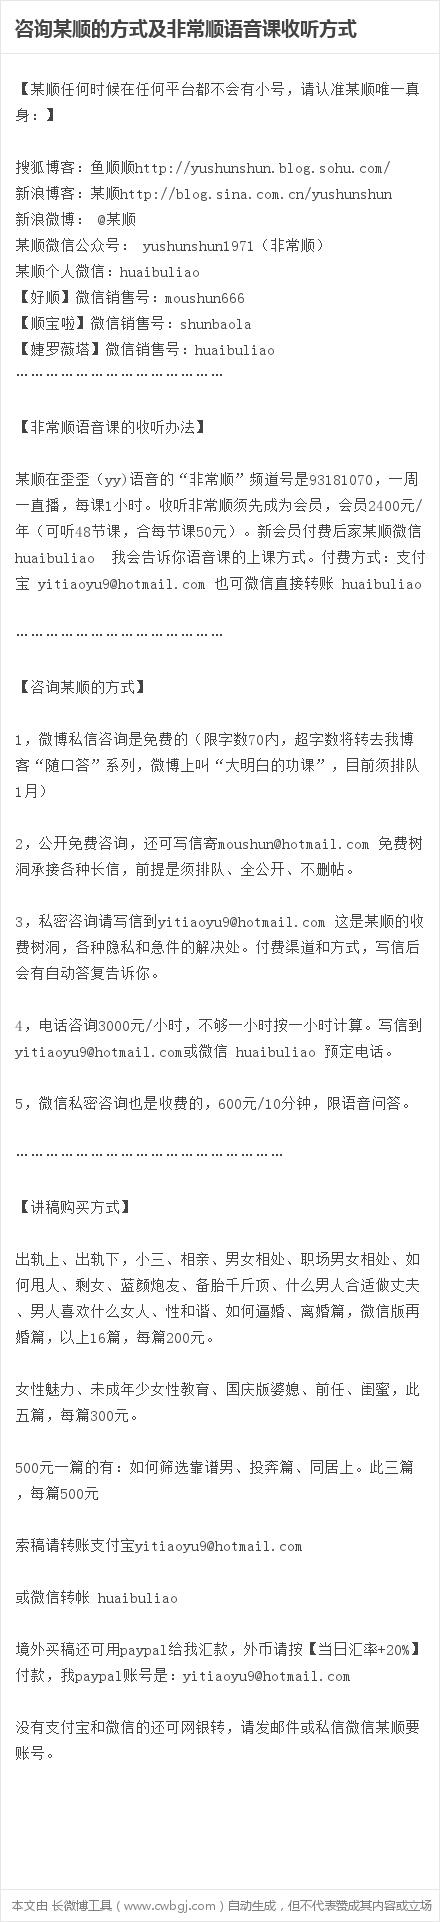 顺口答二二七零 - yushunshun - 鱼顺顺的博客